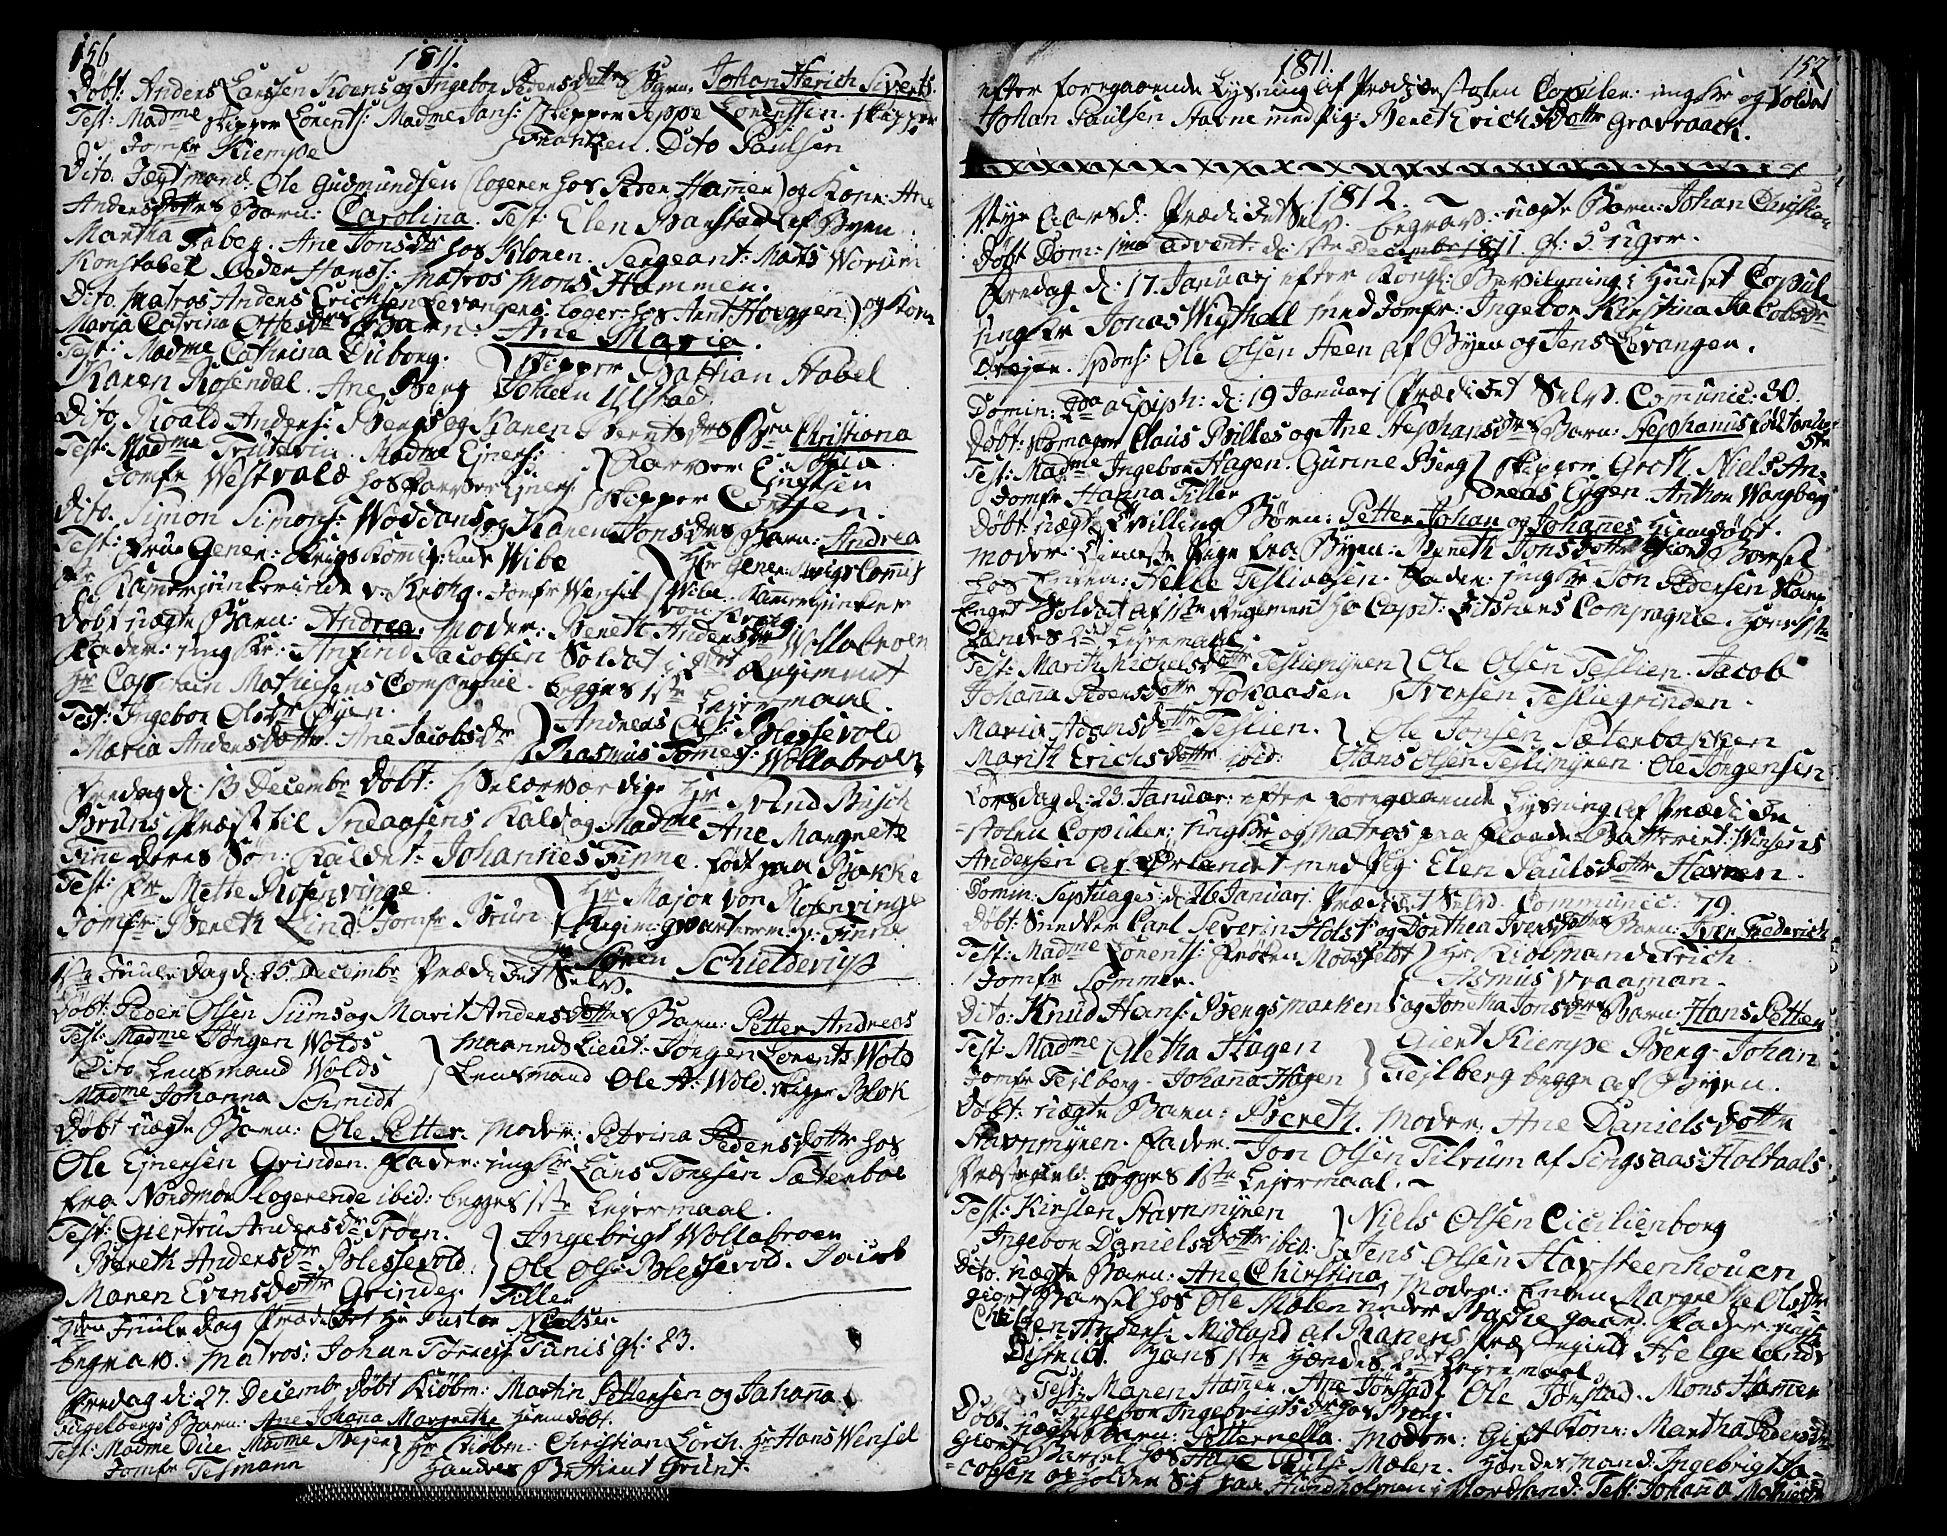 SAT, Ministerialprotokoller, klokkerbøker og fødselsregistre - Sør-Trøndelag, 604/L0181: Ministerialbok nr. 604A02, 1798-1817, s. 156-157